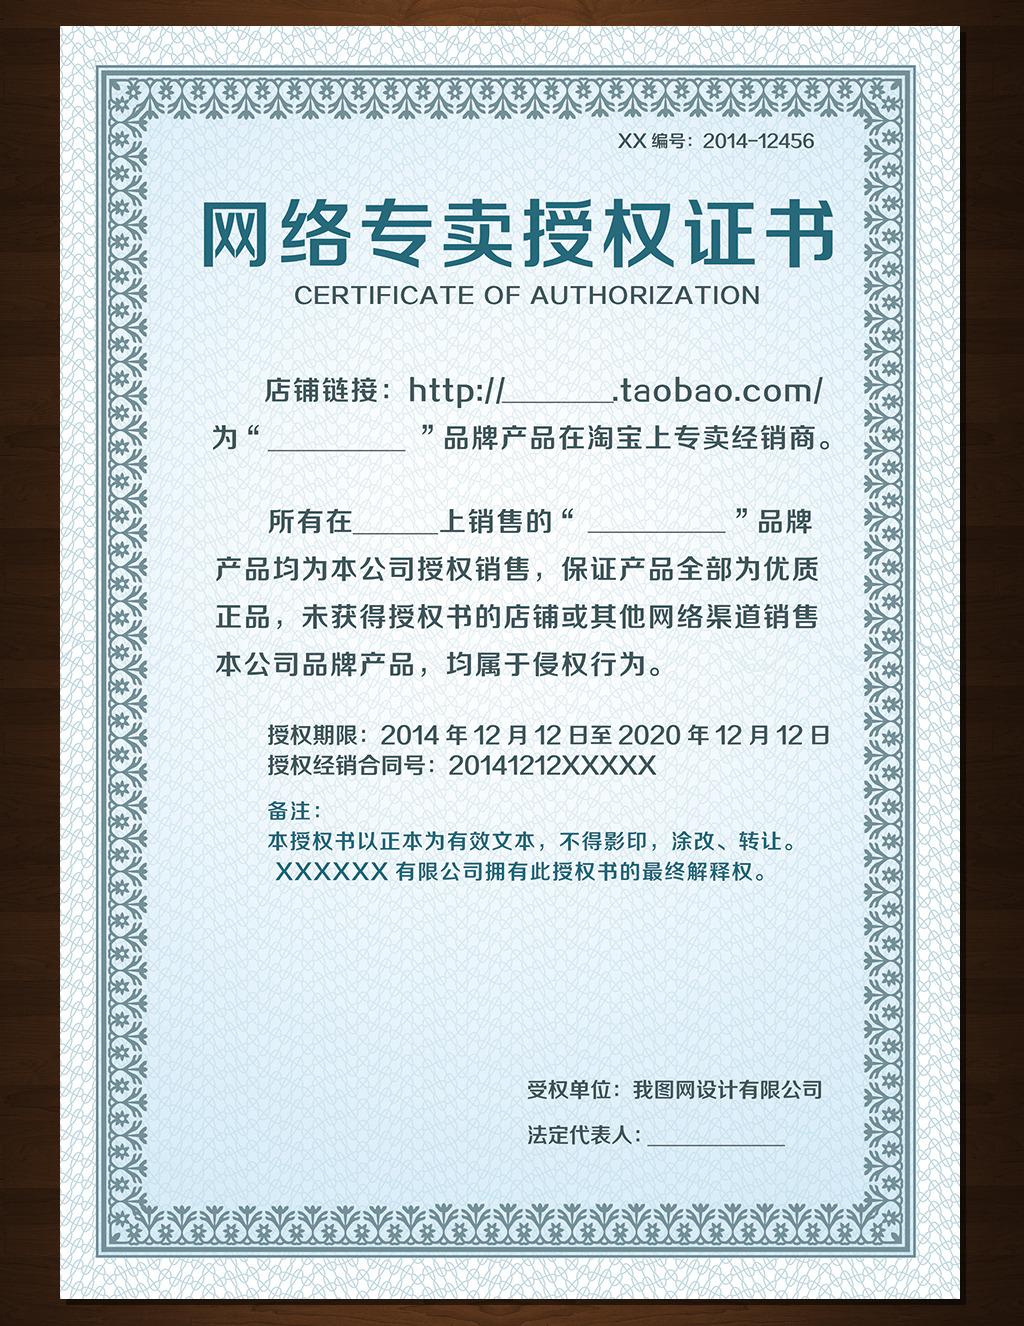 蓝色网络专卖授权书模板